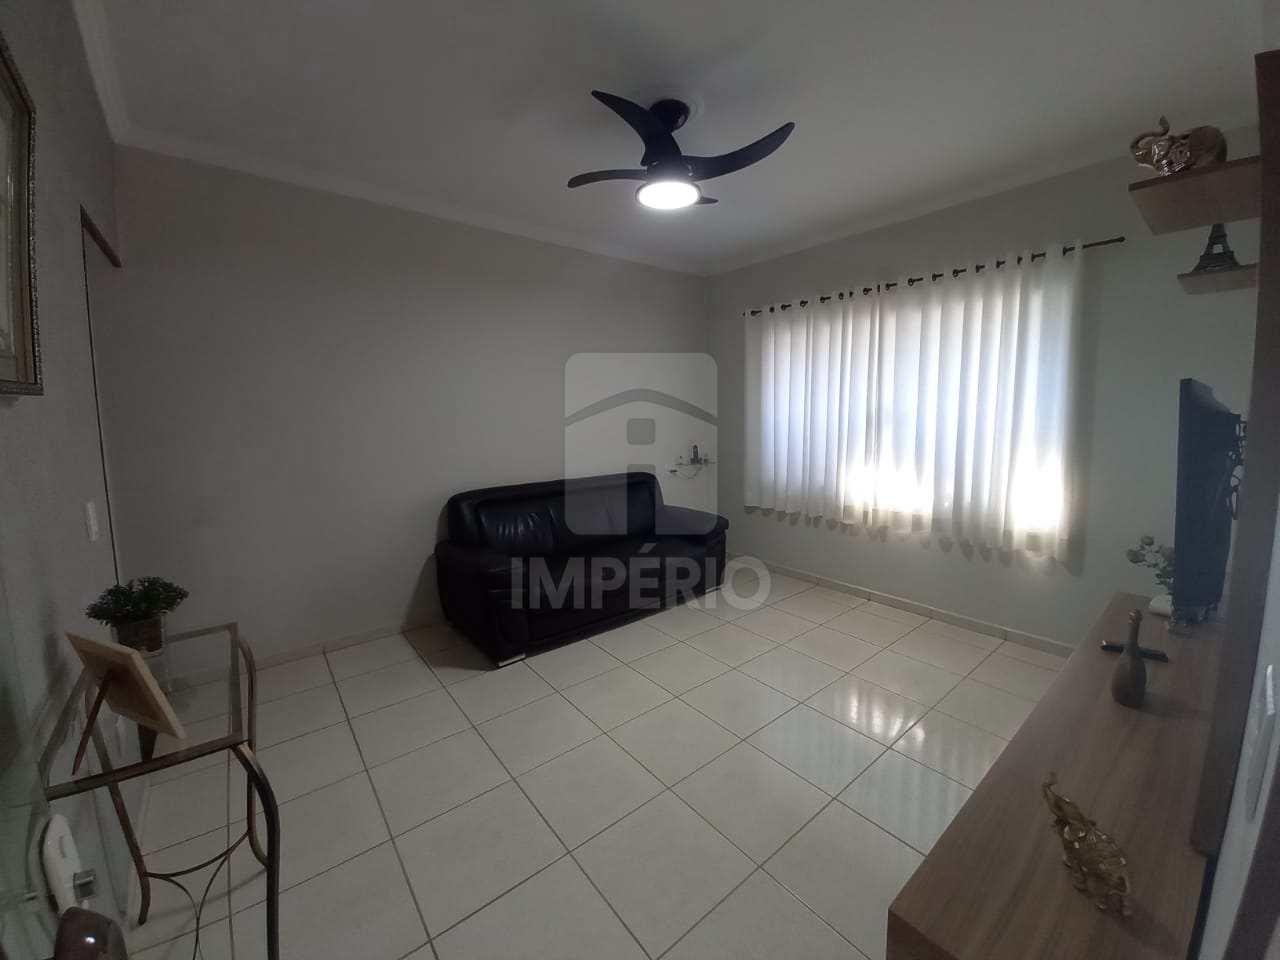 Casa com 2 dorms, Jardim Odete, Jaú, Cod: 611